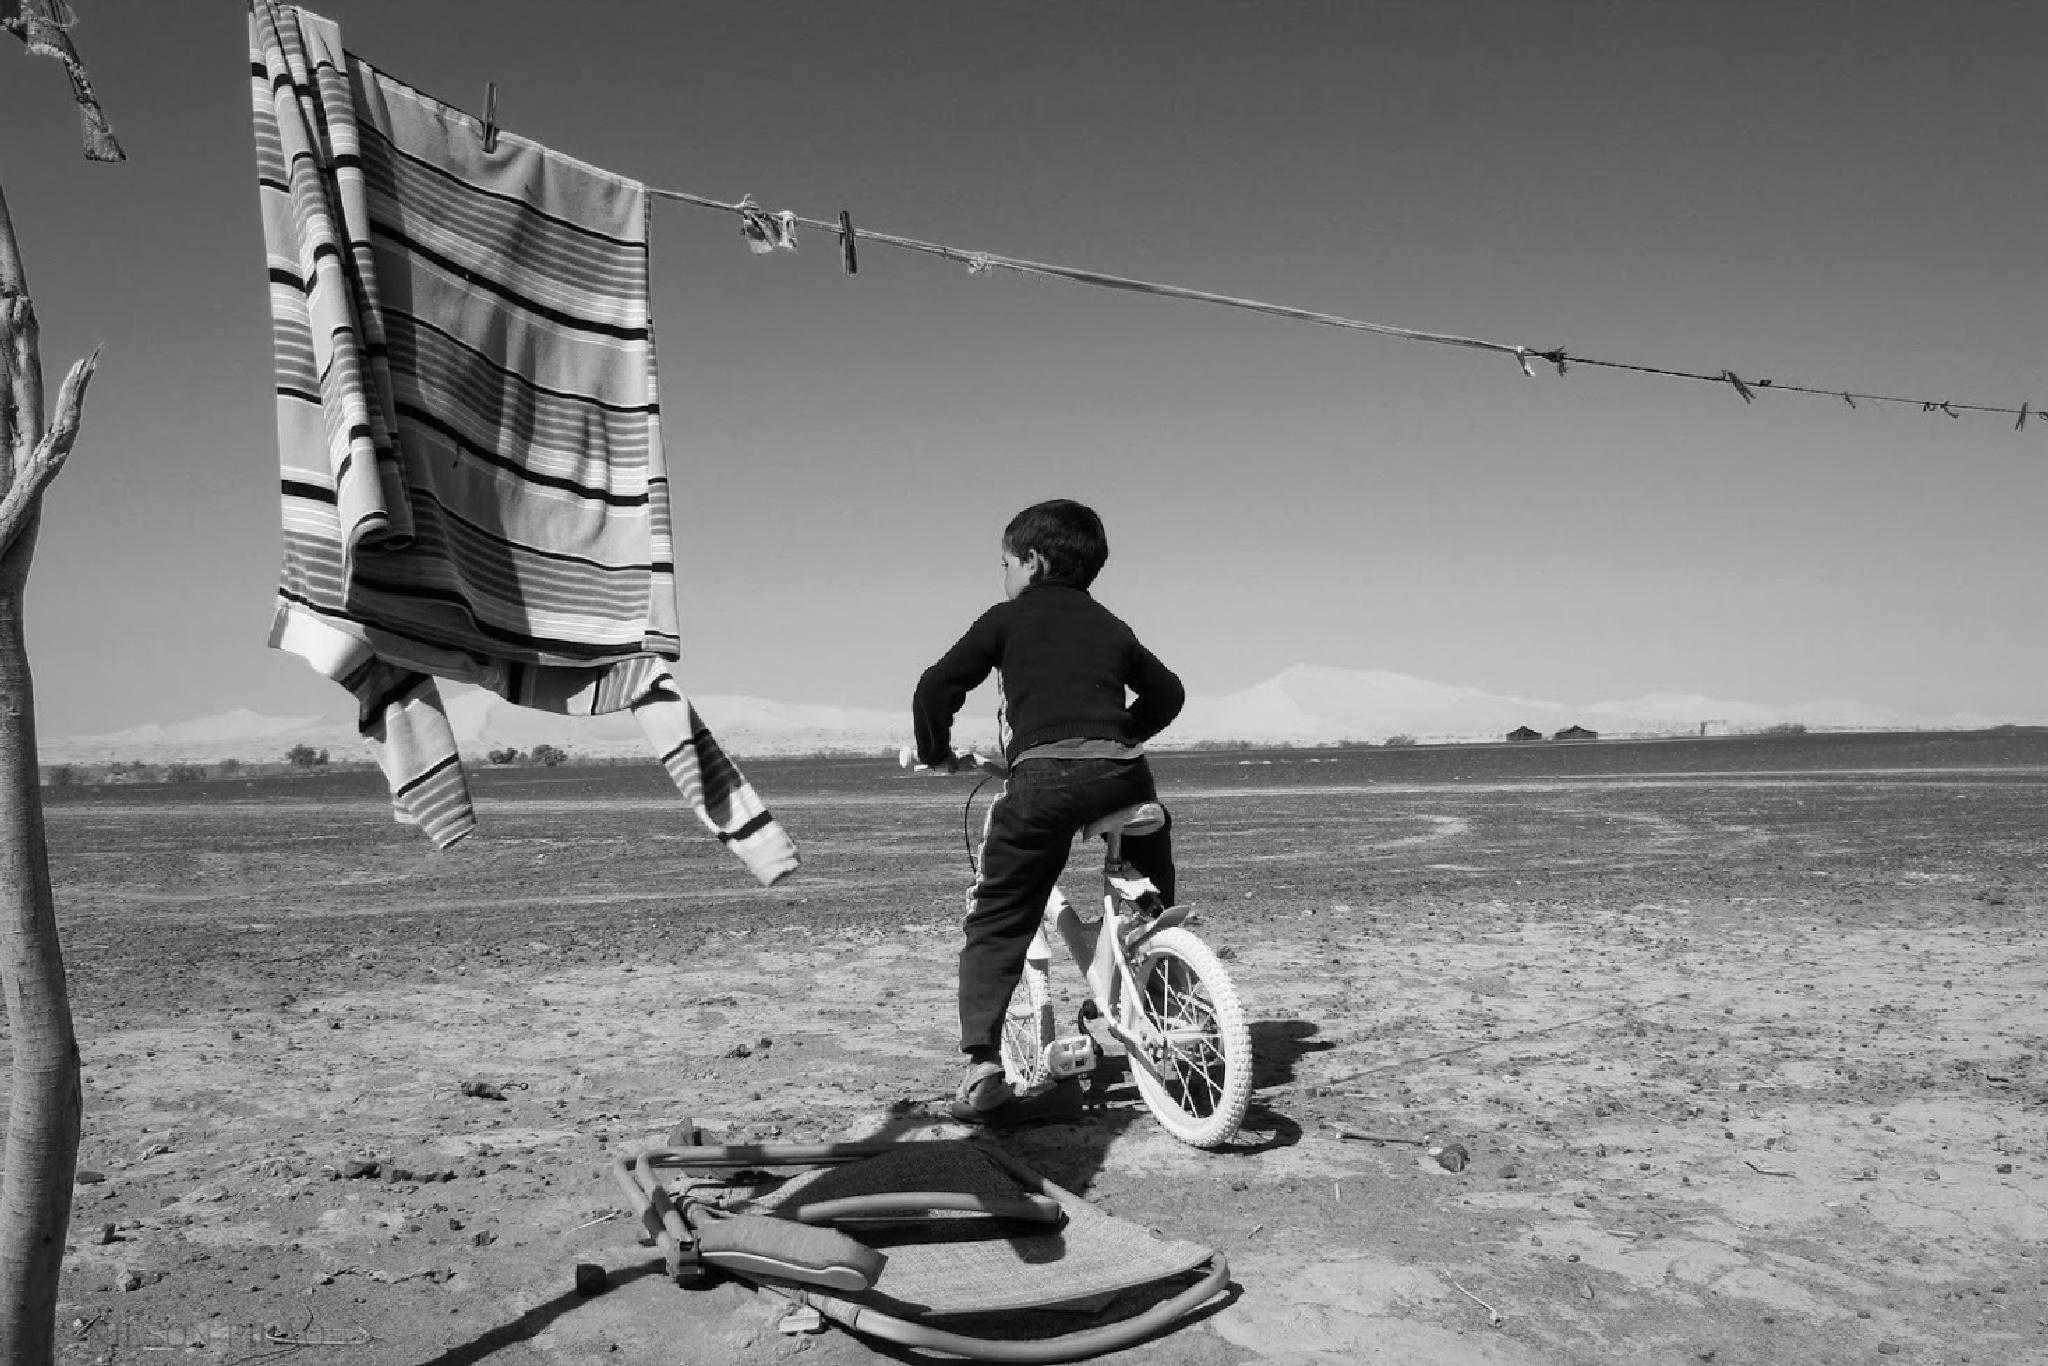 bike boy by nilsonpilao